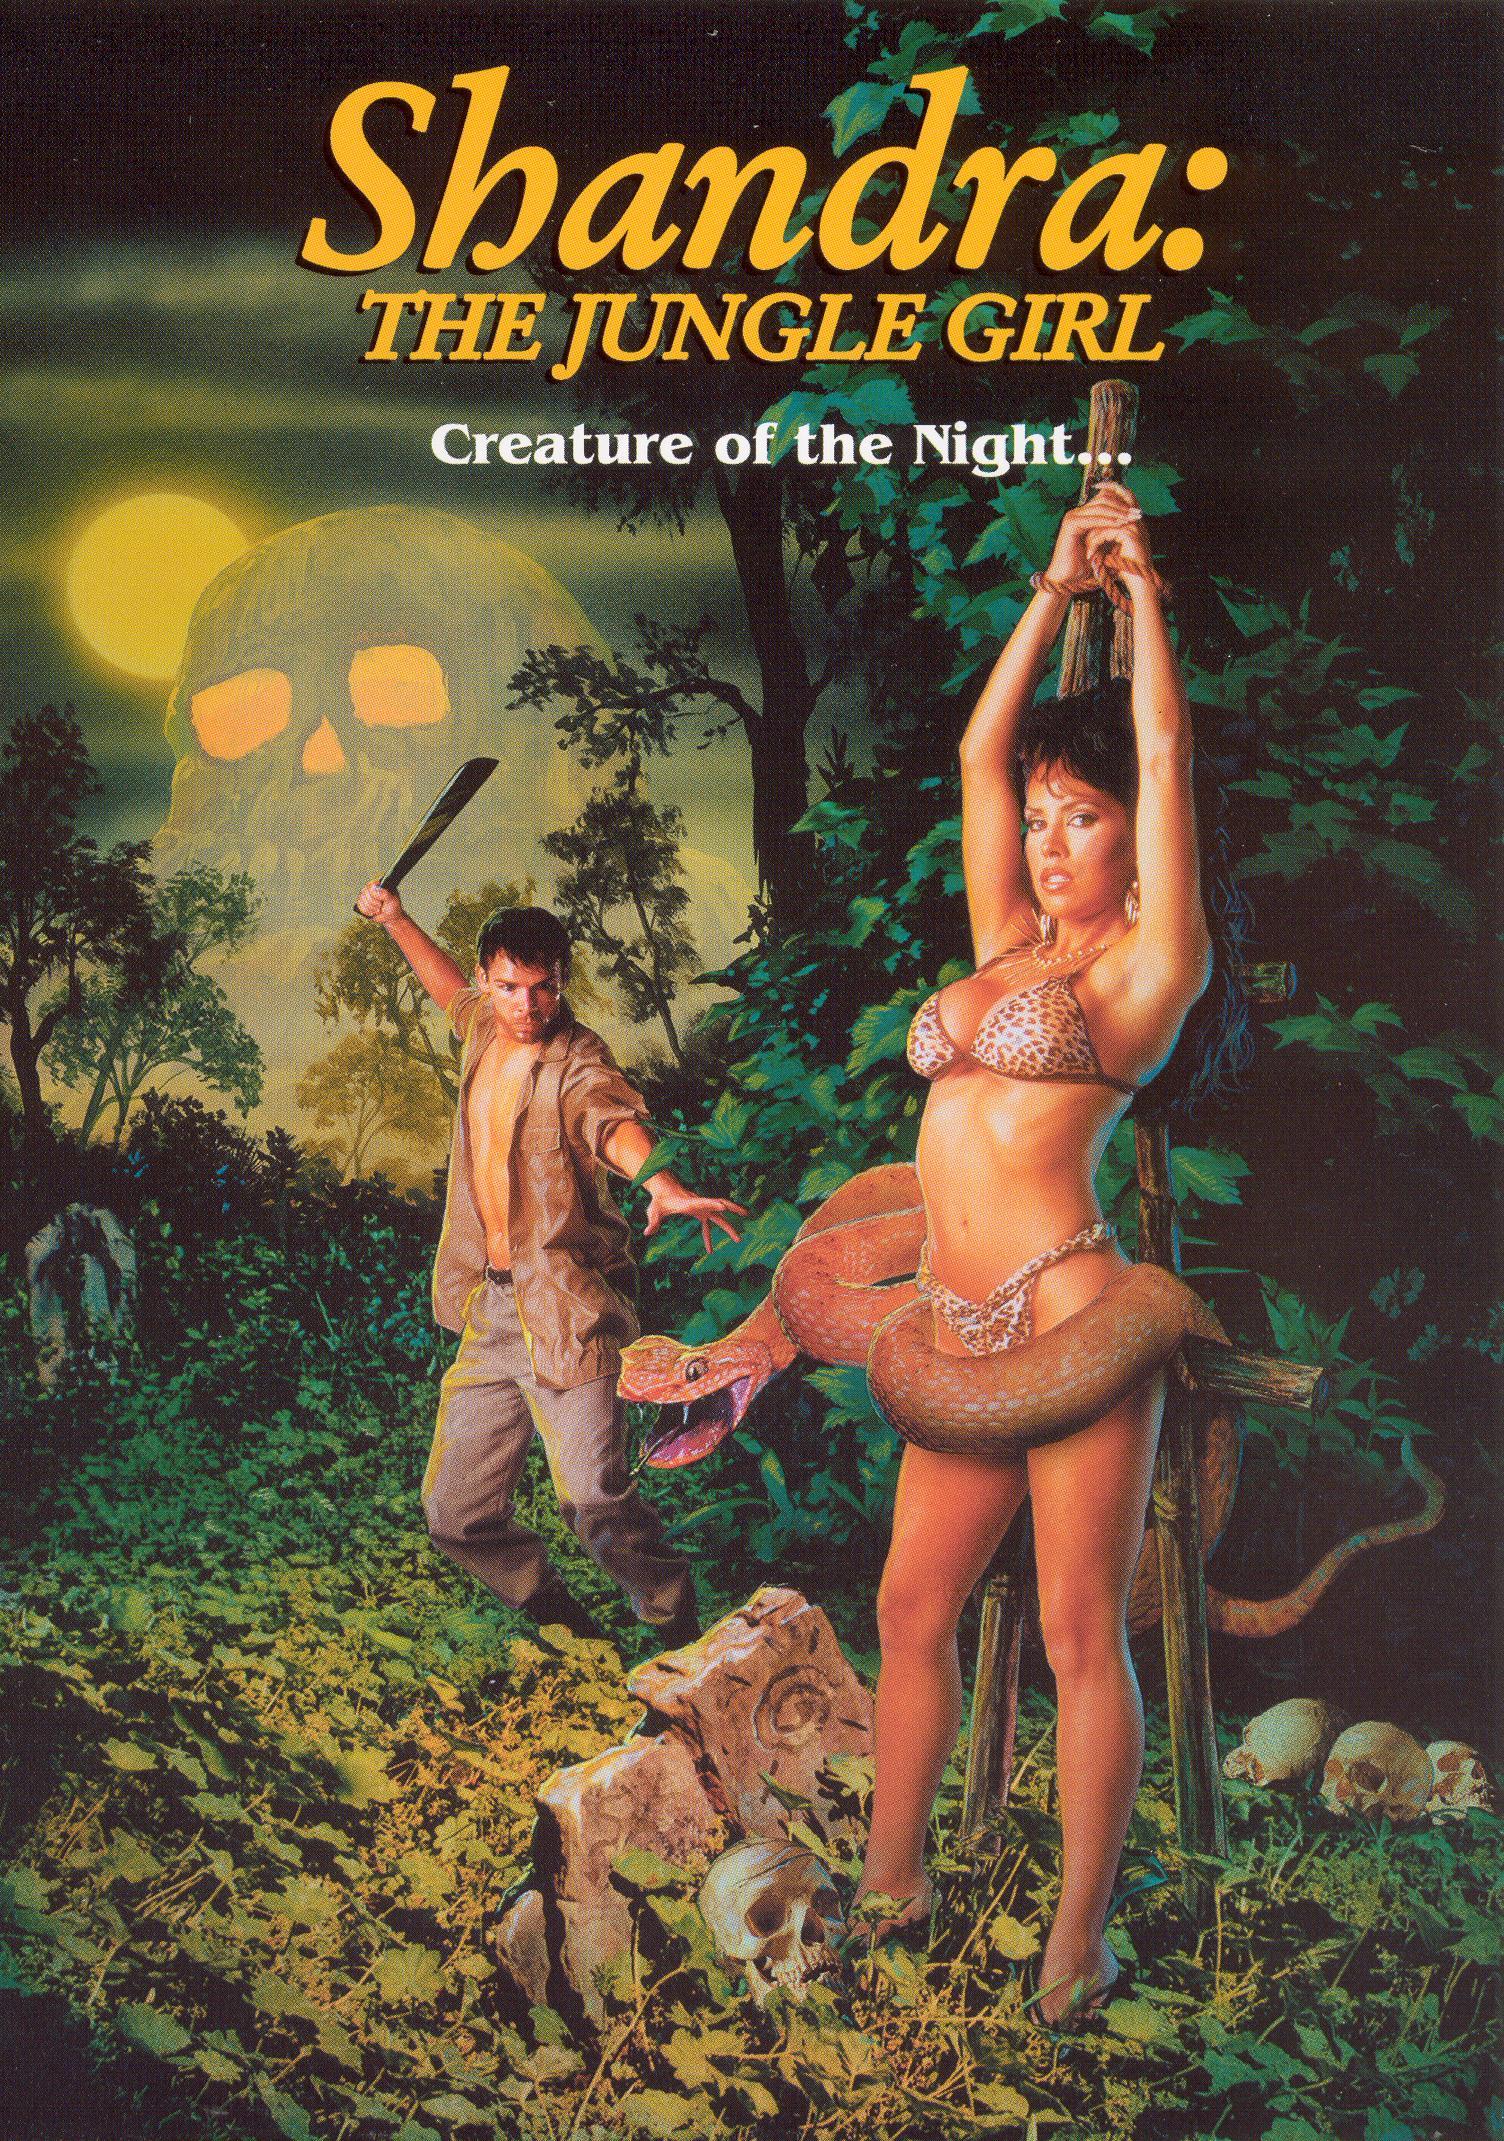 Секс в жунглях 21 фотография